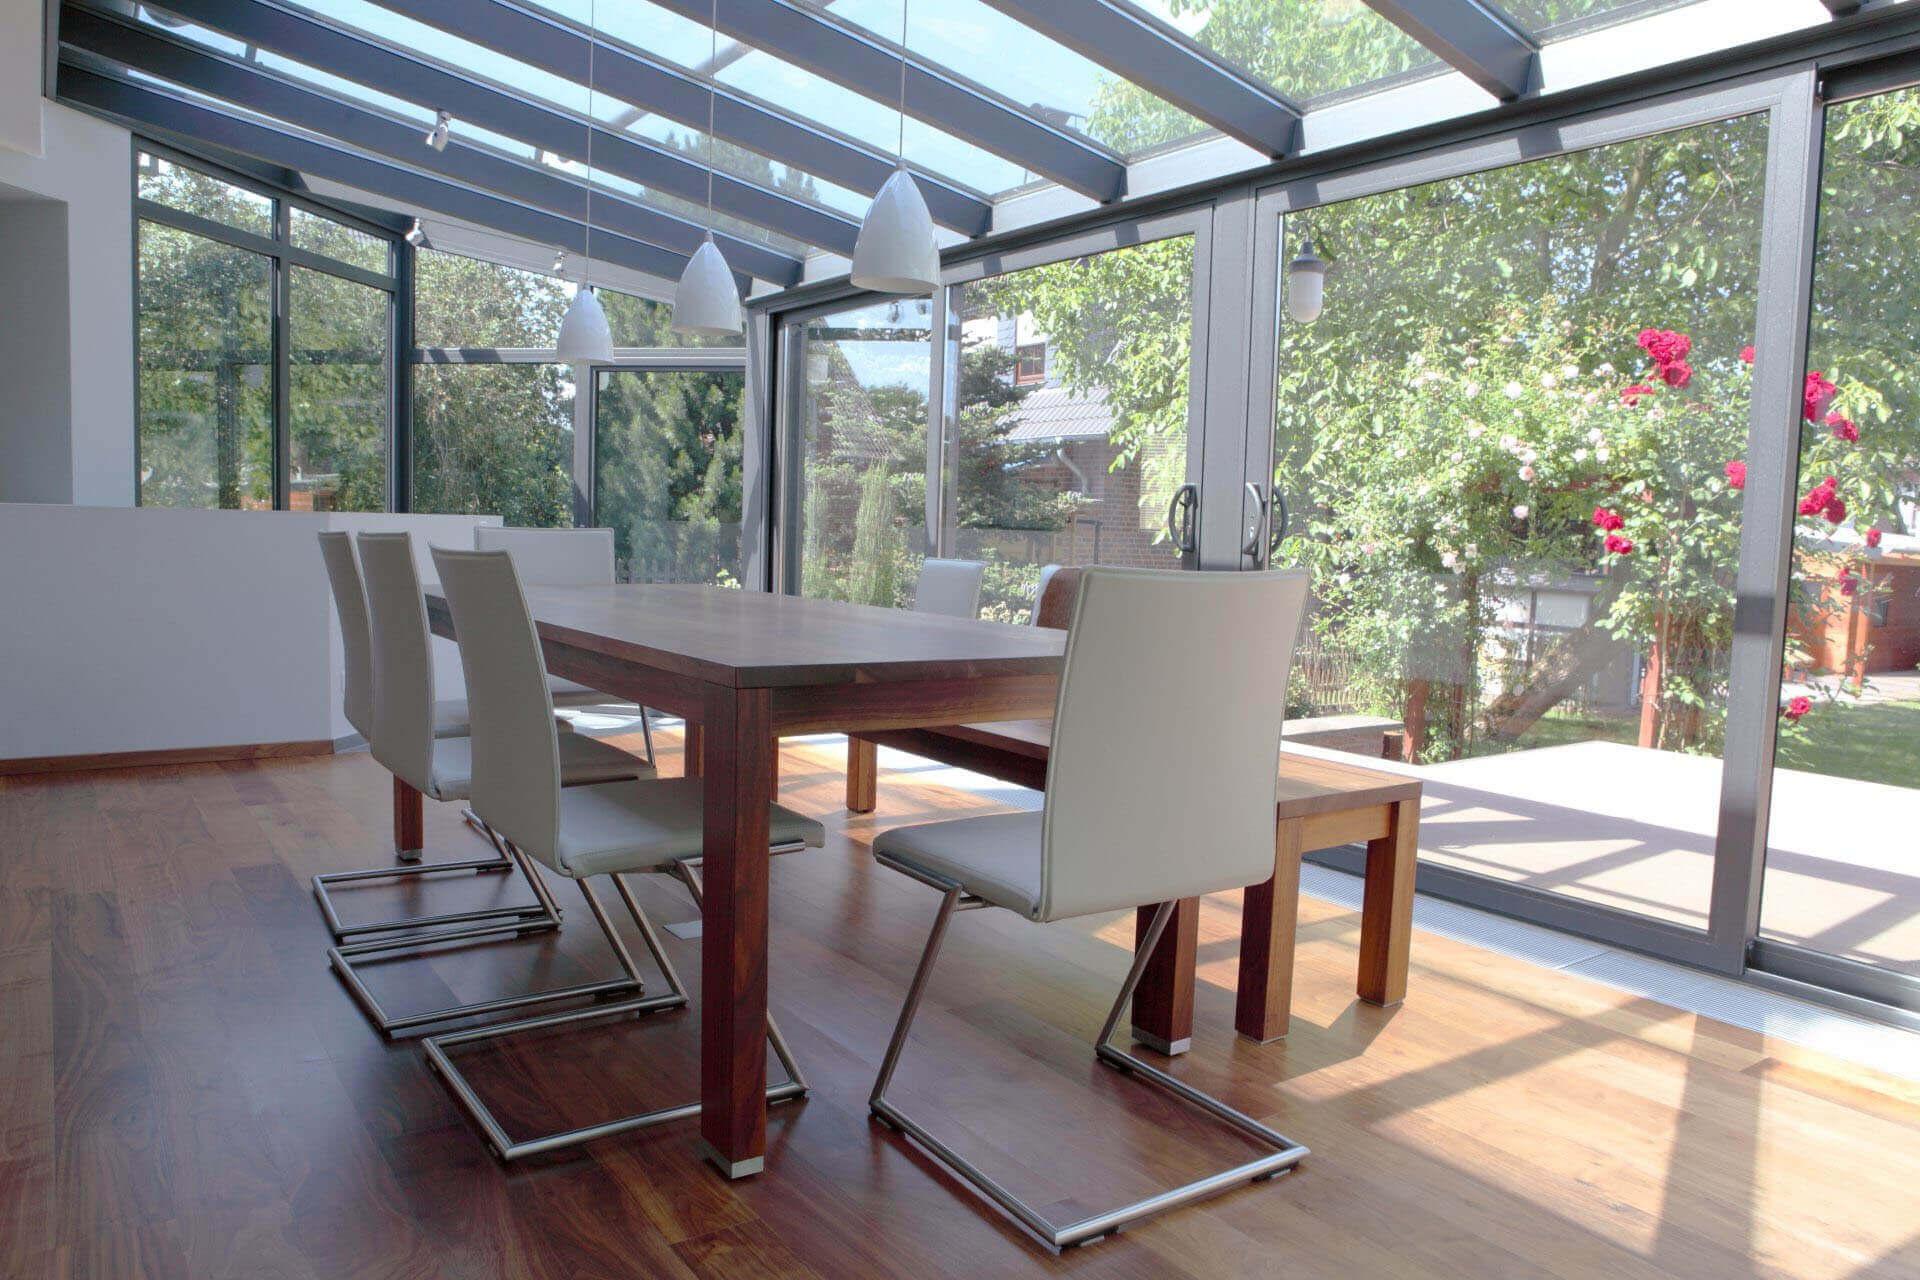 Kaltwintergarten mit Tisch und Stühlen direkt am Haus; 2 Schiebetüren zum Öffnen vorhanden, dazu Festelemente seitlich